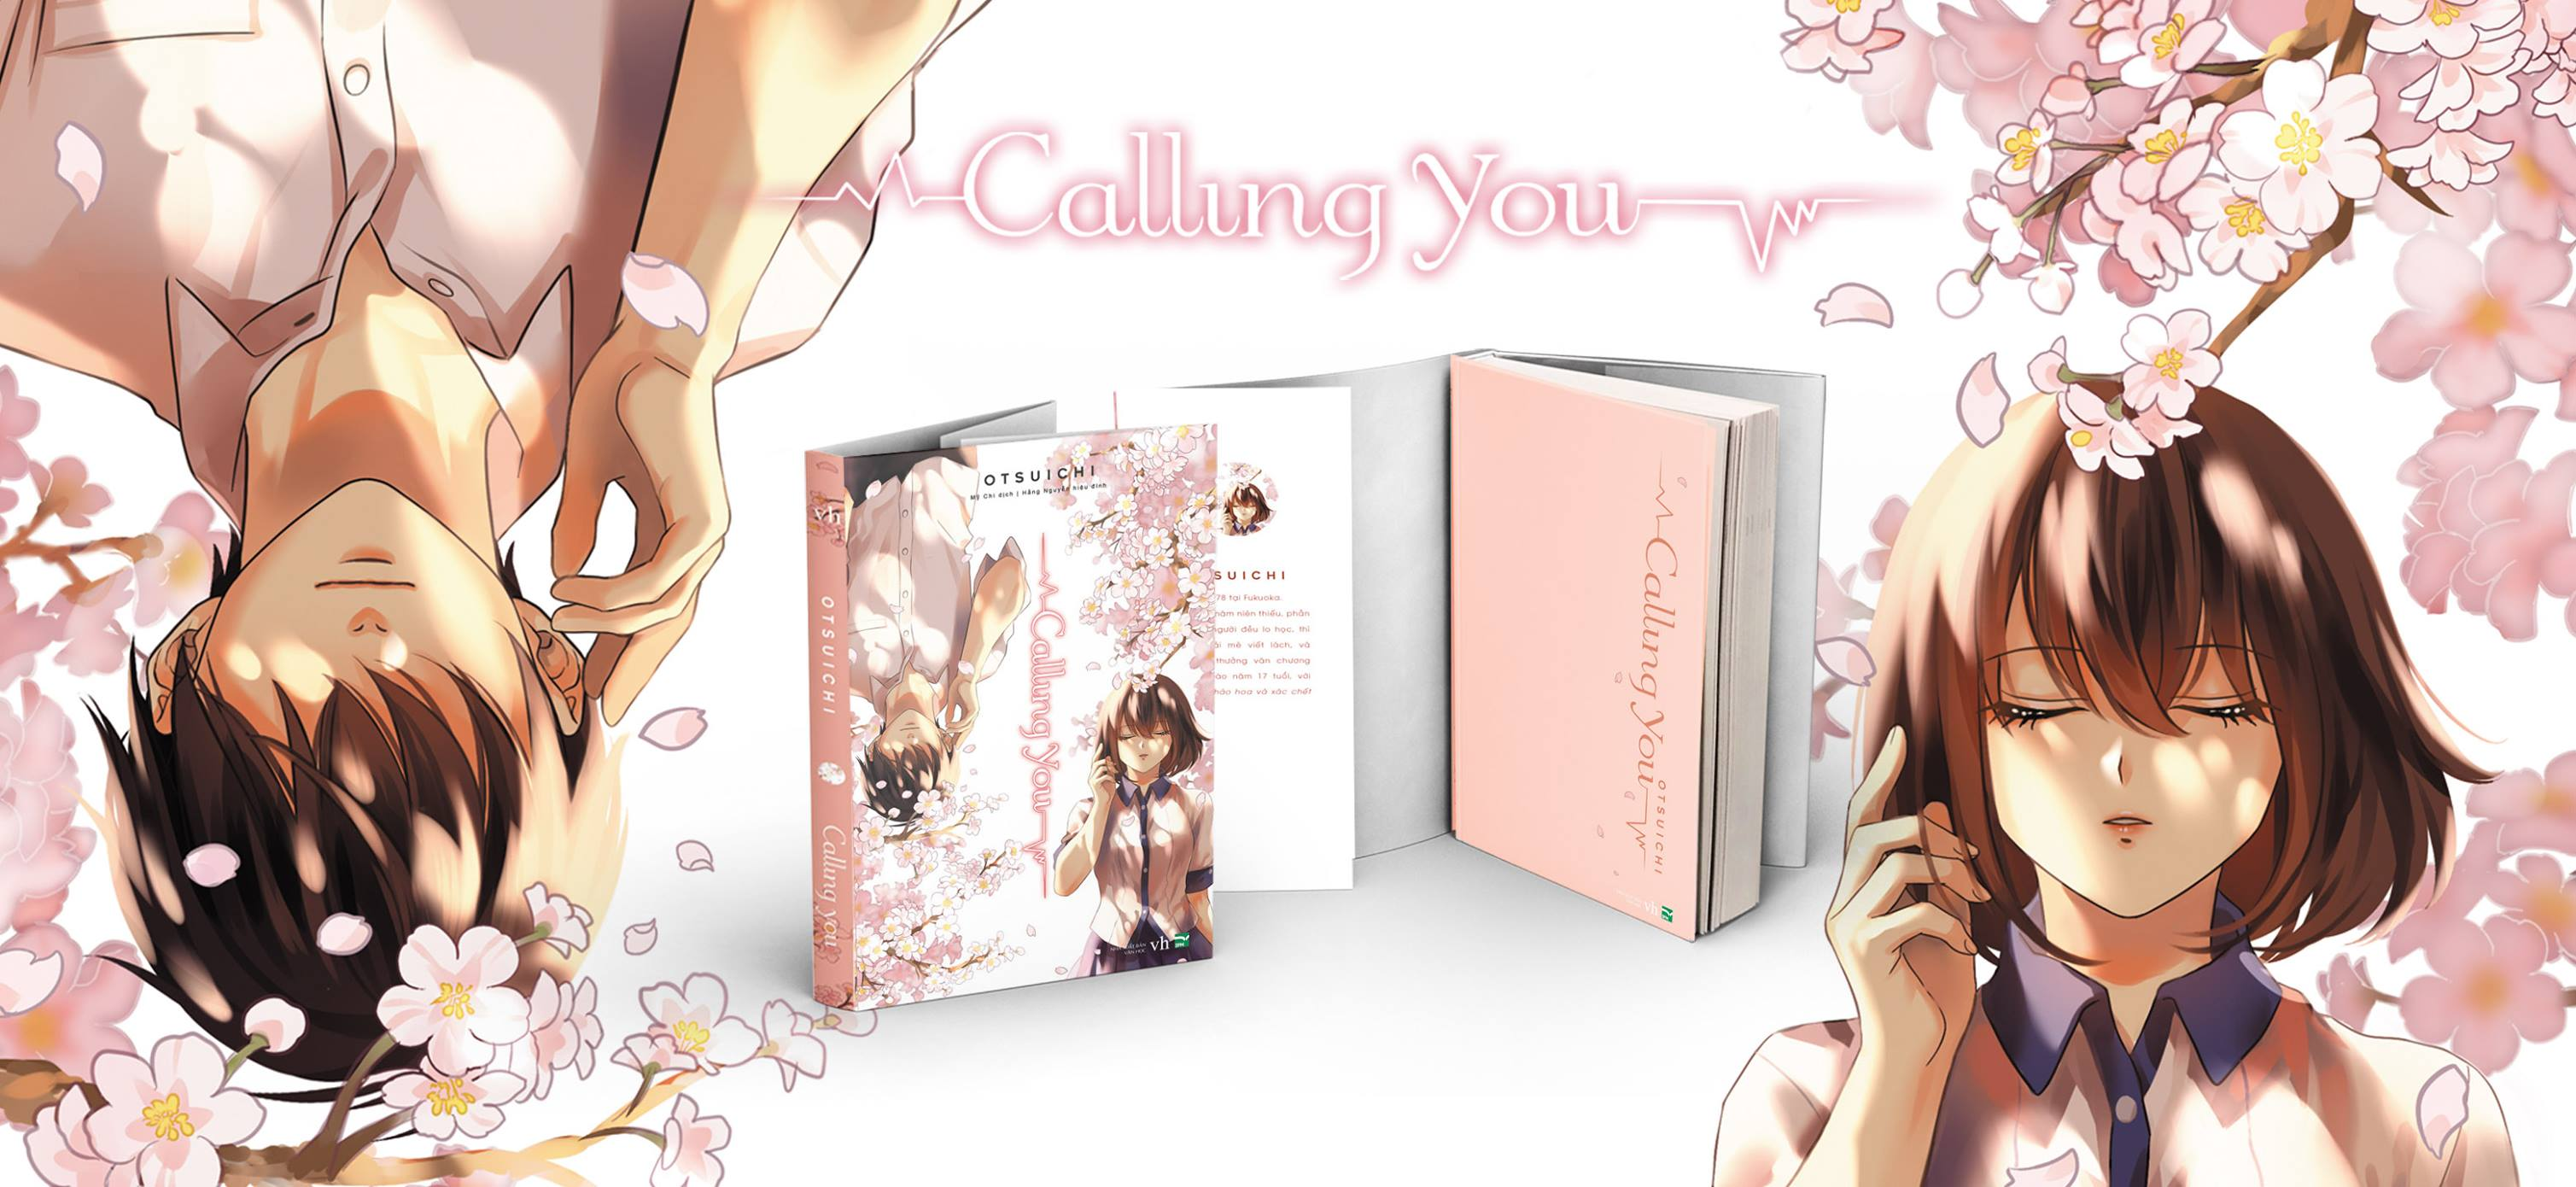 TBQ_IntroLN_CallingYou_(0)